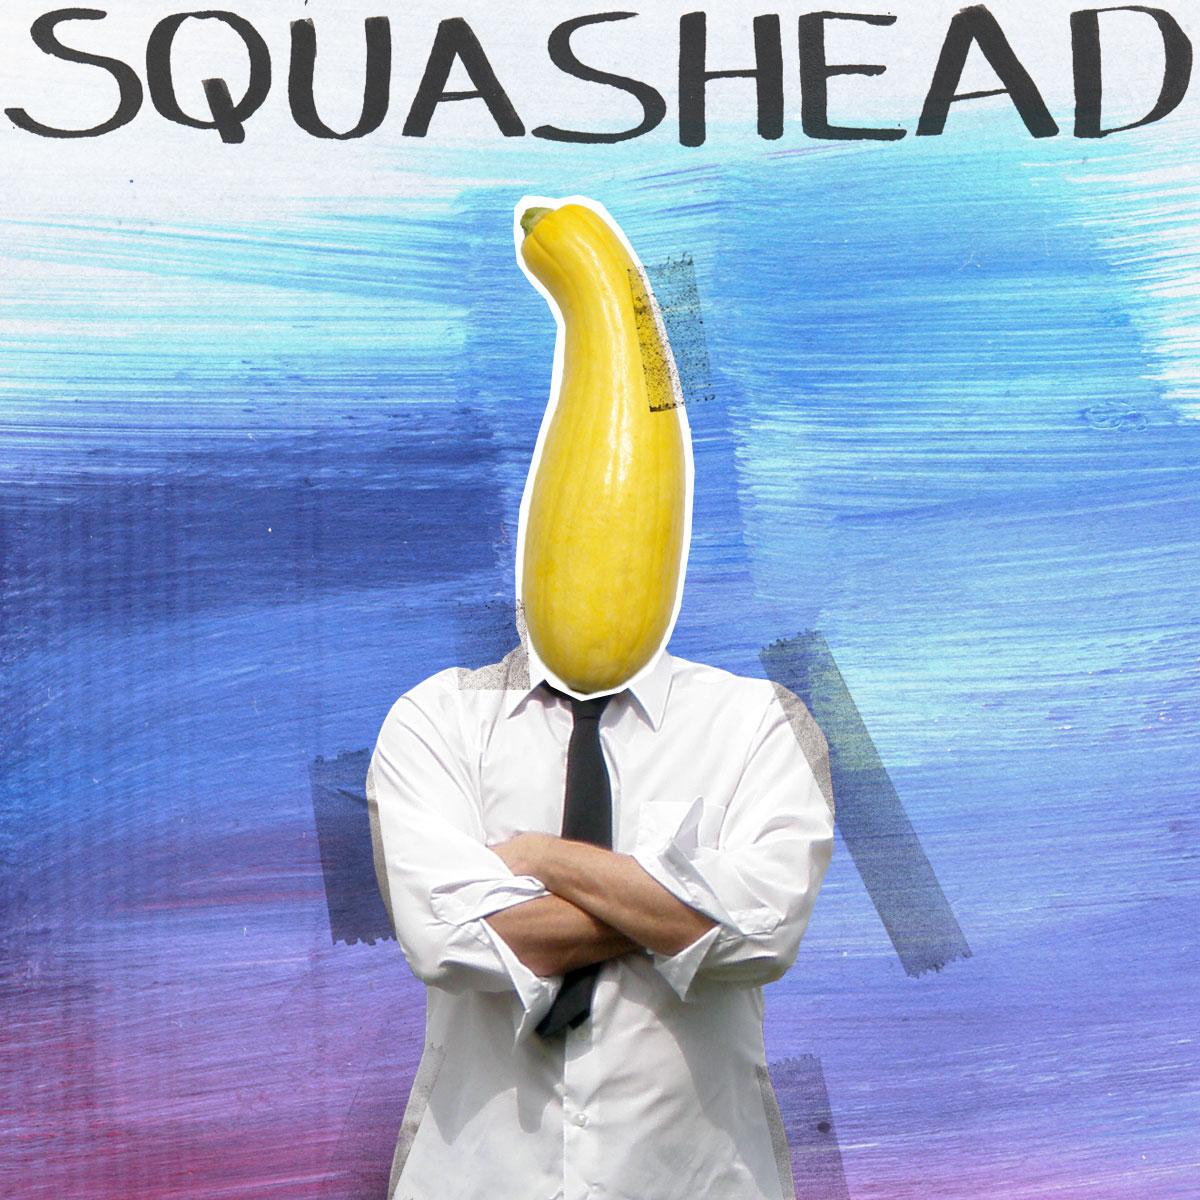 Squashead